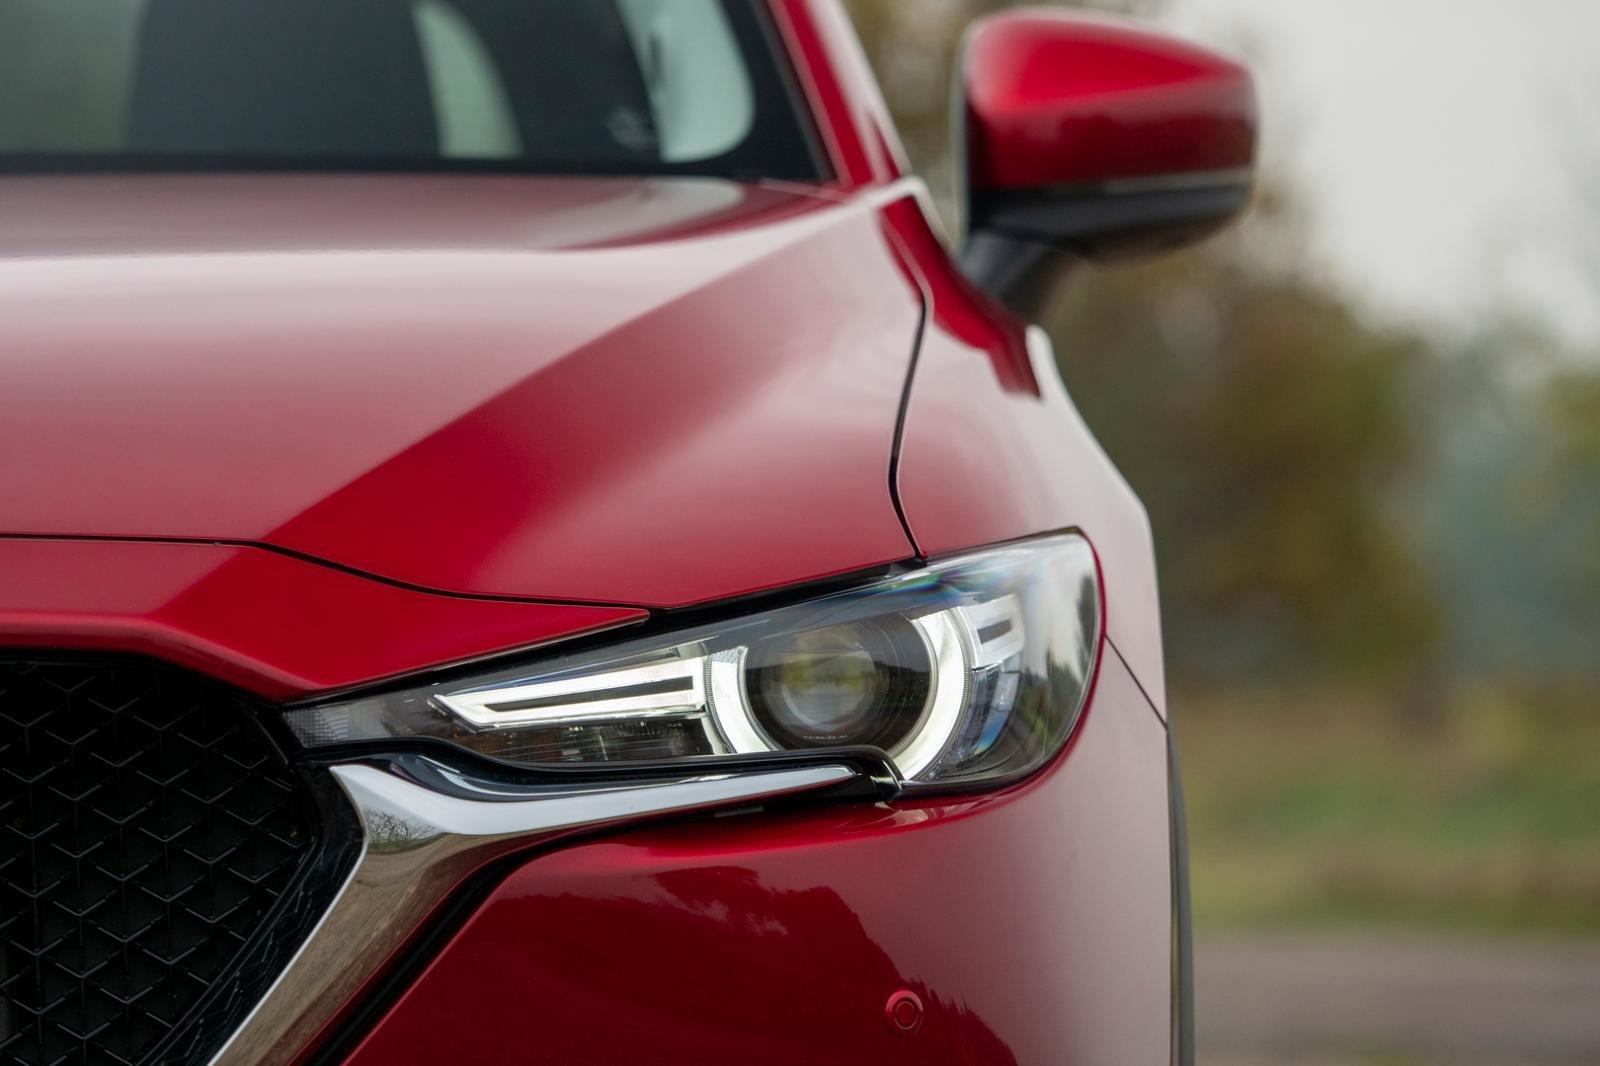 So sánh xe Mazda CX-5 2019 với Hyundai Tucson 2019 a22